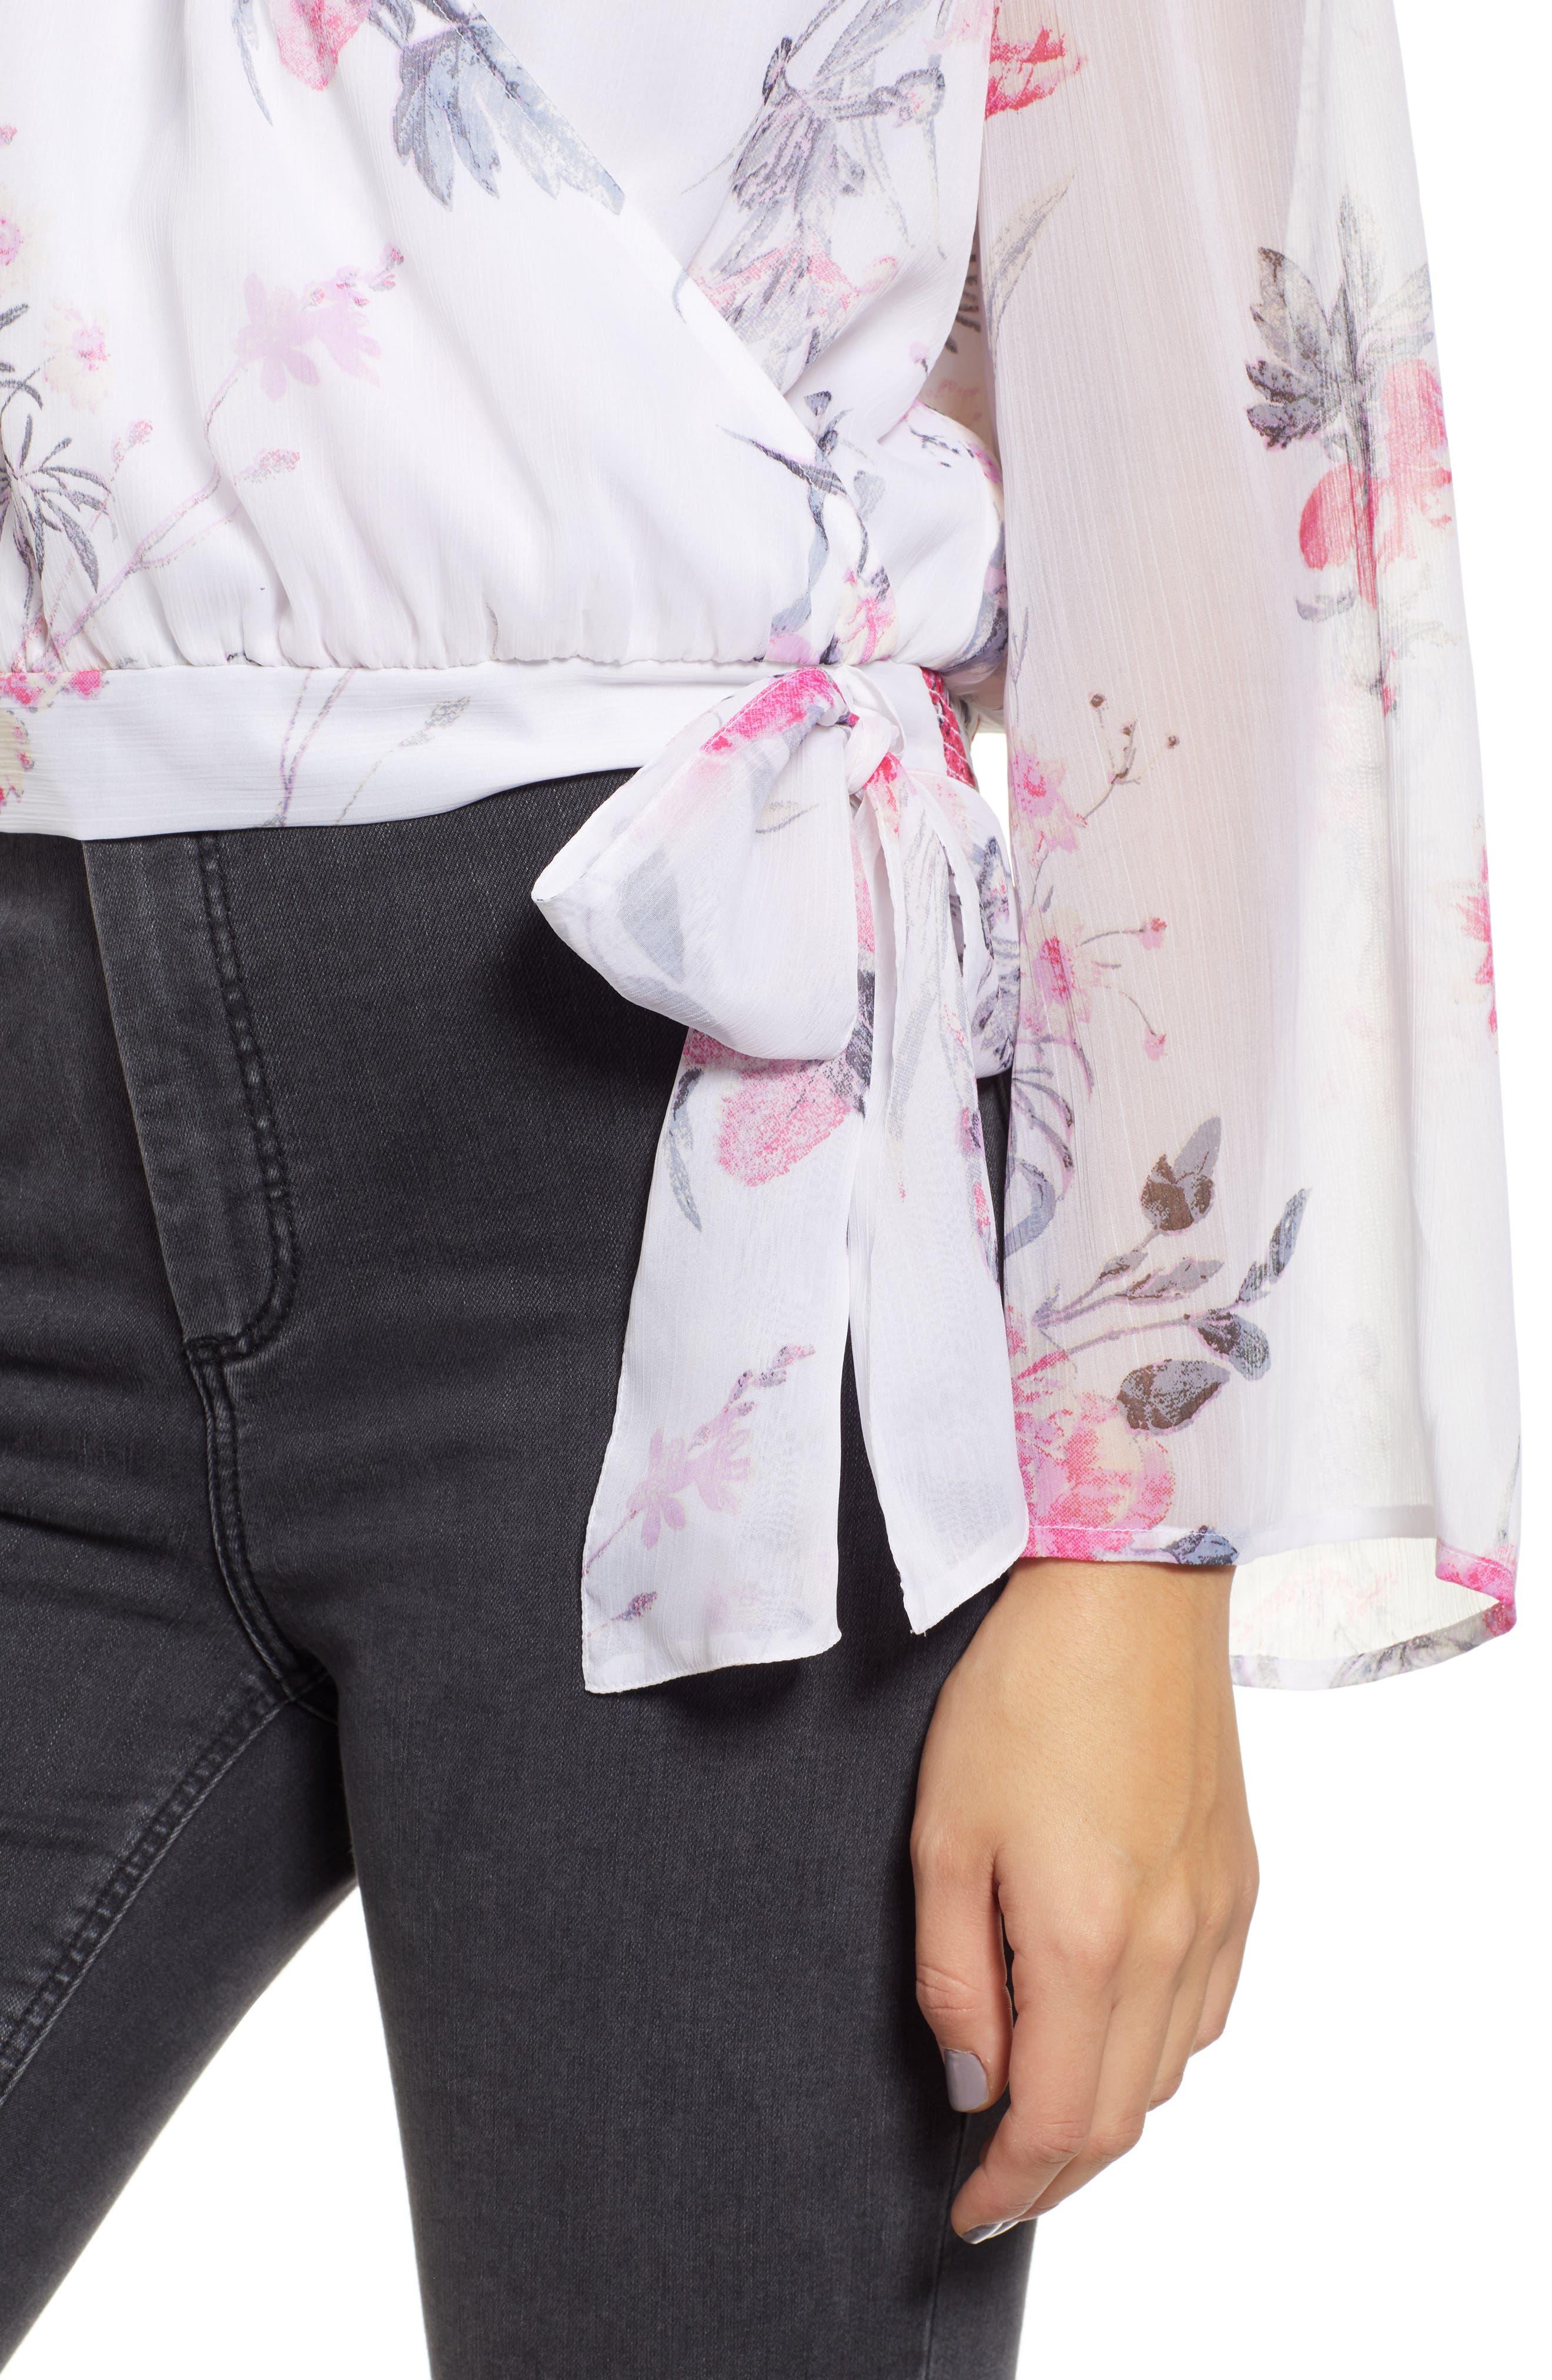 LEITH, Floral Faux Wrap Top, Alternate thumbnail 4, color, WHITE ROMANTIC BLOOMS